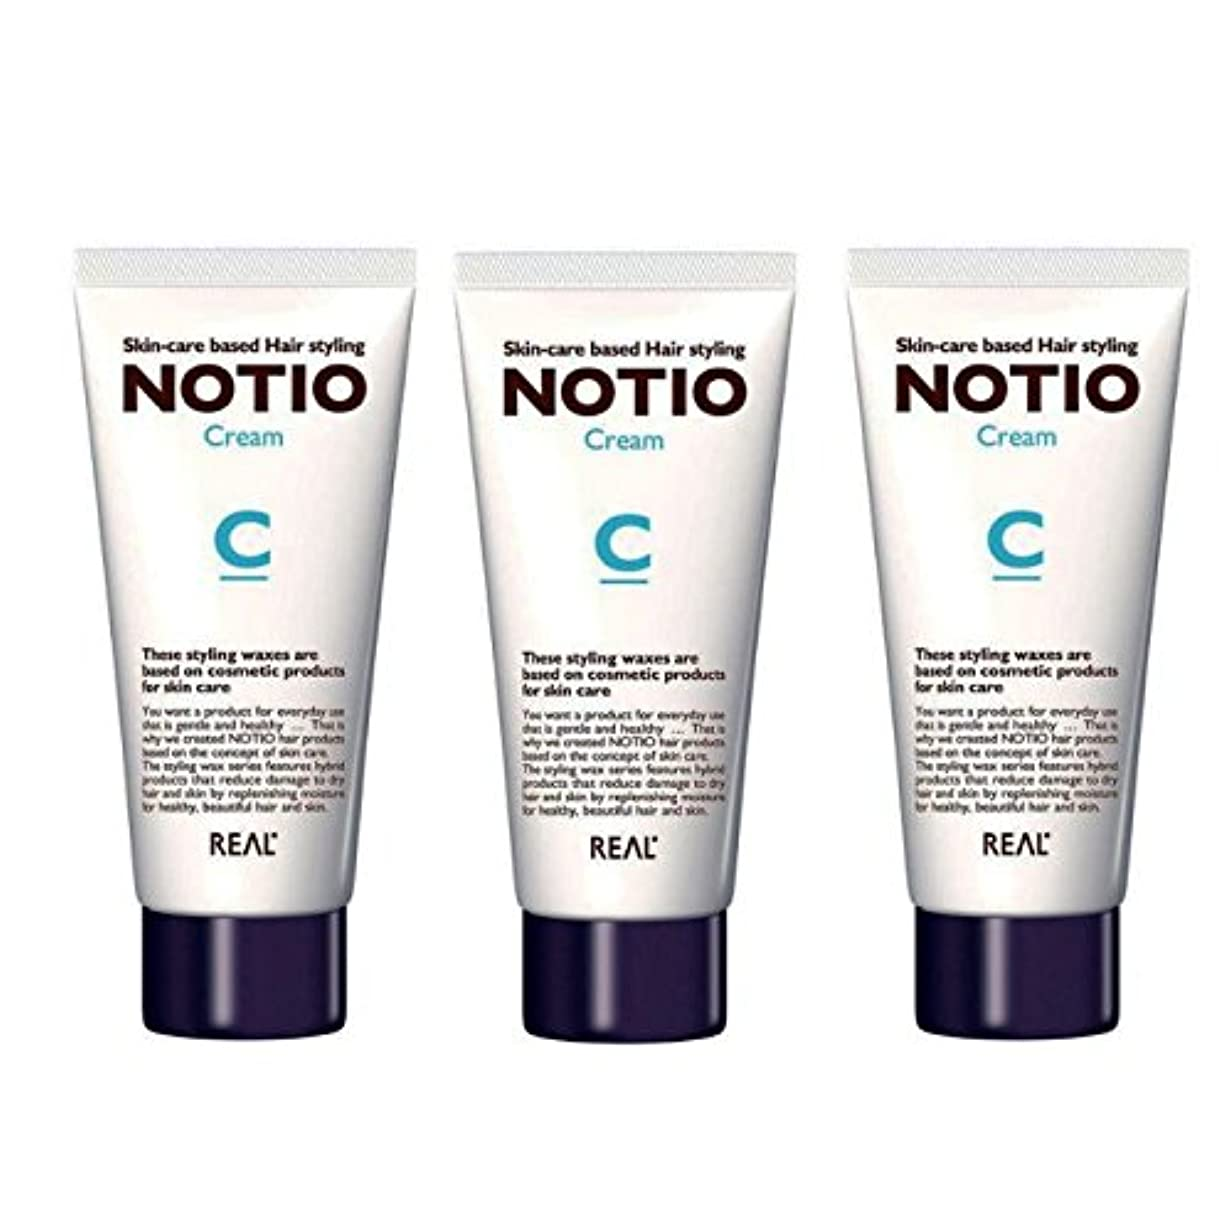 不愉快に条件付き真っ逆さま【3個セット】NOTIO Cream ノティオ クリーム ( ヘアスタイリング?ハンドクリーム ) 90g